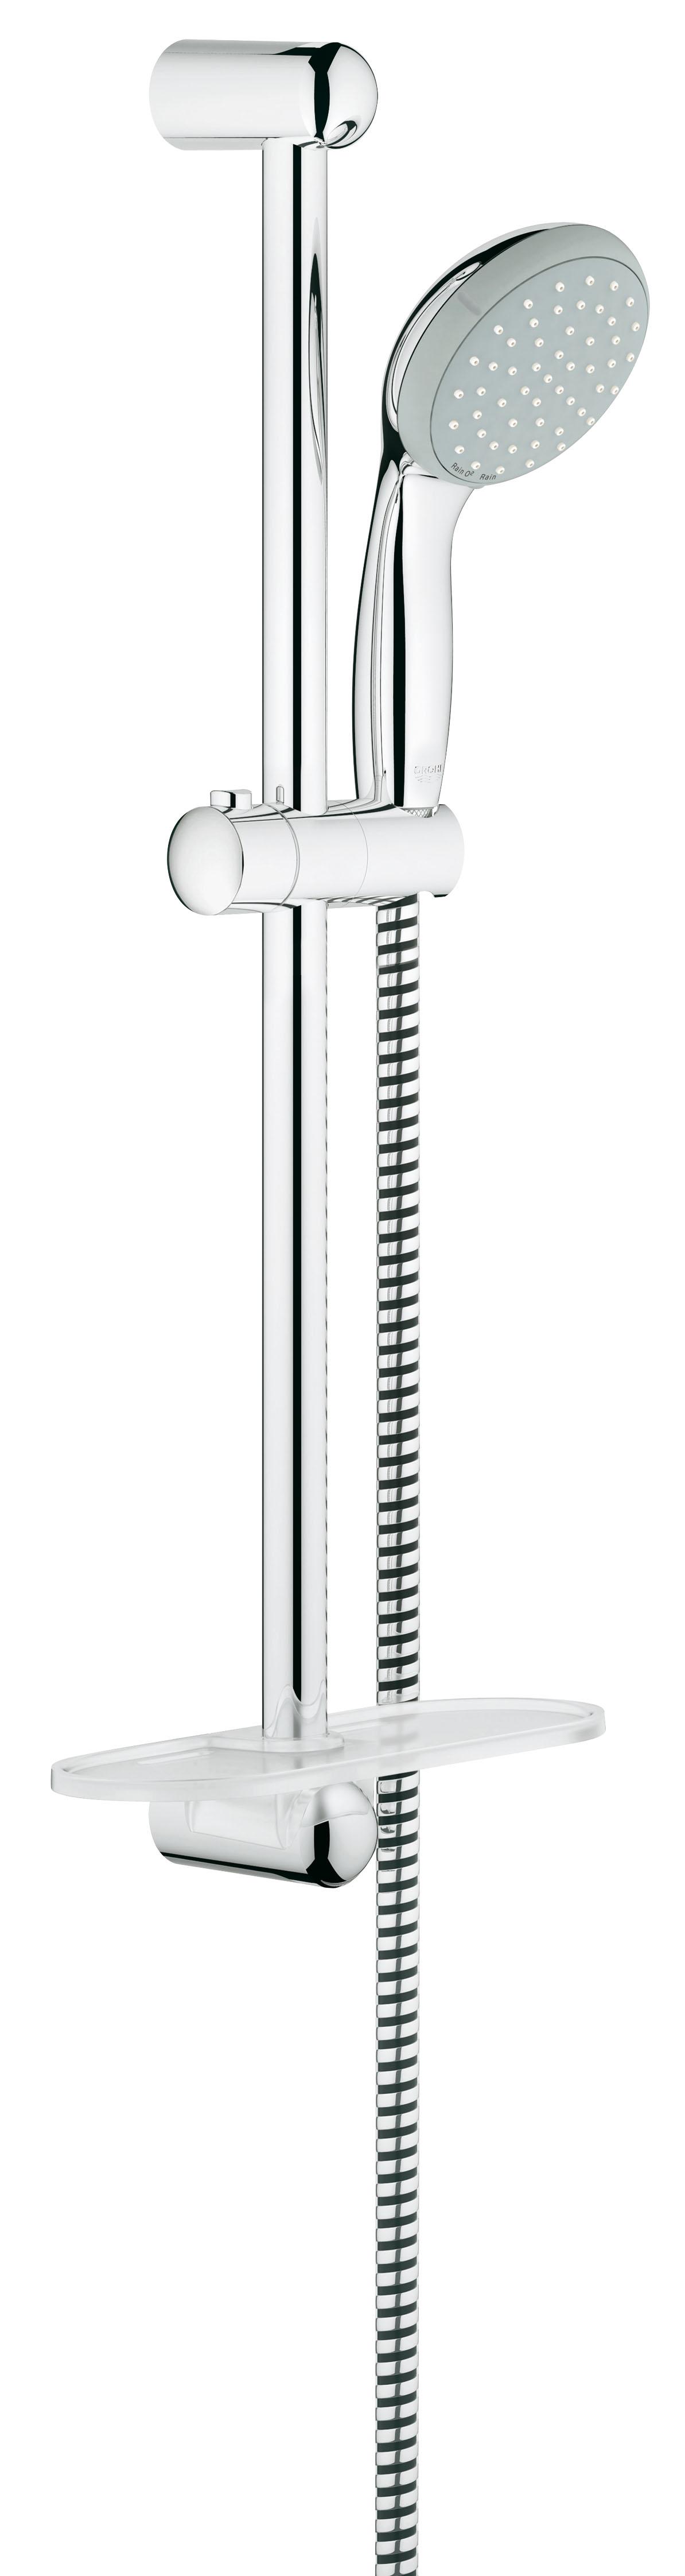 Душевой комплект с полочкой GROHE New Tempesta, штанга 600мм. (27926000)27926000Состоит из Ручной душ (27 597 00E) Душевая штанга, 600 мм (27 523 000) Душевой шланг Relexaflex 1750 мм 1/2? x 1/2? (28 154 000) Полочка GROHE EasyReach™(27 596 000) GROHE DreamSpray превосходный поток воды GROHE CoolTouch GROHE StarLight хромированная поверхностьС системой SpeedClean против известковых отложений Внутренний охлаждающий канал для продолжительного срока службы ShockProof силиконовое кольцо, предотвращающееПовреждение поверхности при падении ручного душа Может использоваться с проточным водонагревателемВидео по установке является исключительно информационным. Установка должна проводиться профессионалами!